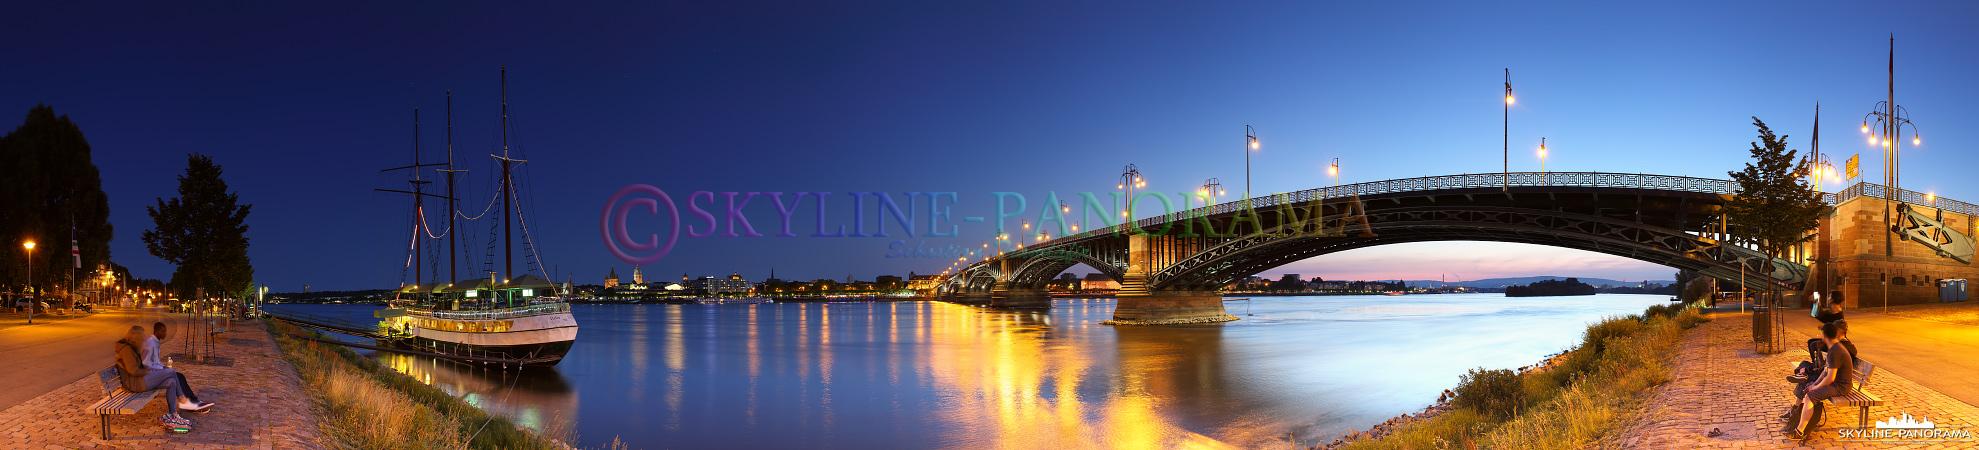 Abendlicher Blick vom Rheinufer in Mainz-Kastel mit der Theodor-Heuss-Brücke und dem Restaurantschiff Pieter van Aemstel auf die Landeshauptstadt Mainz.